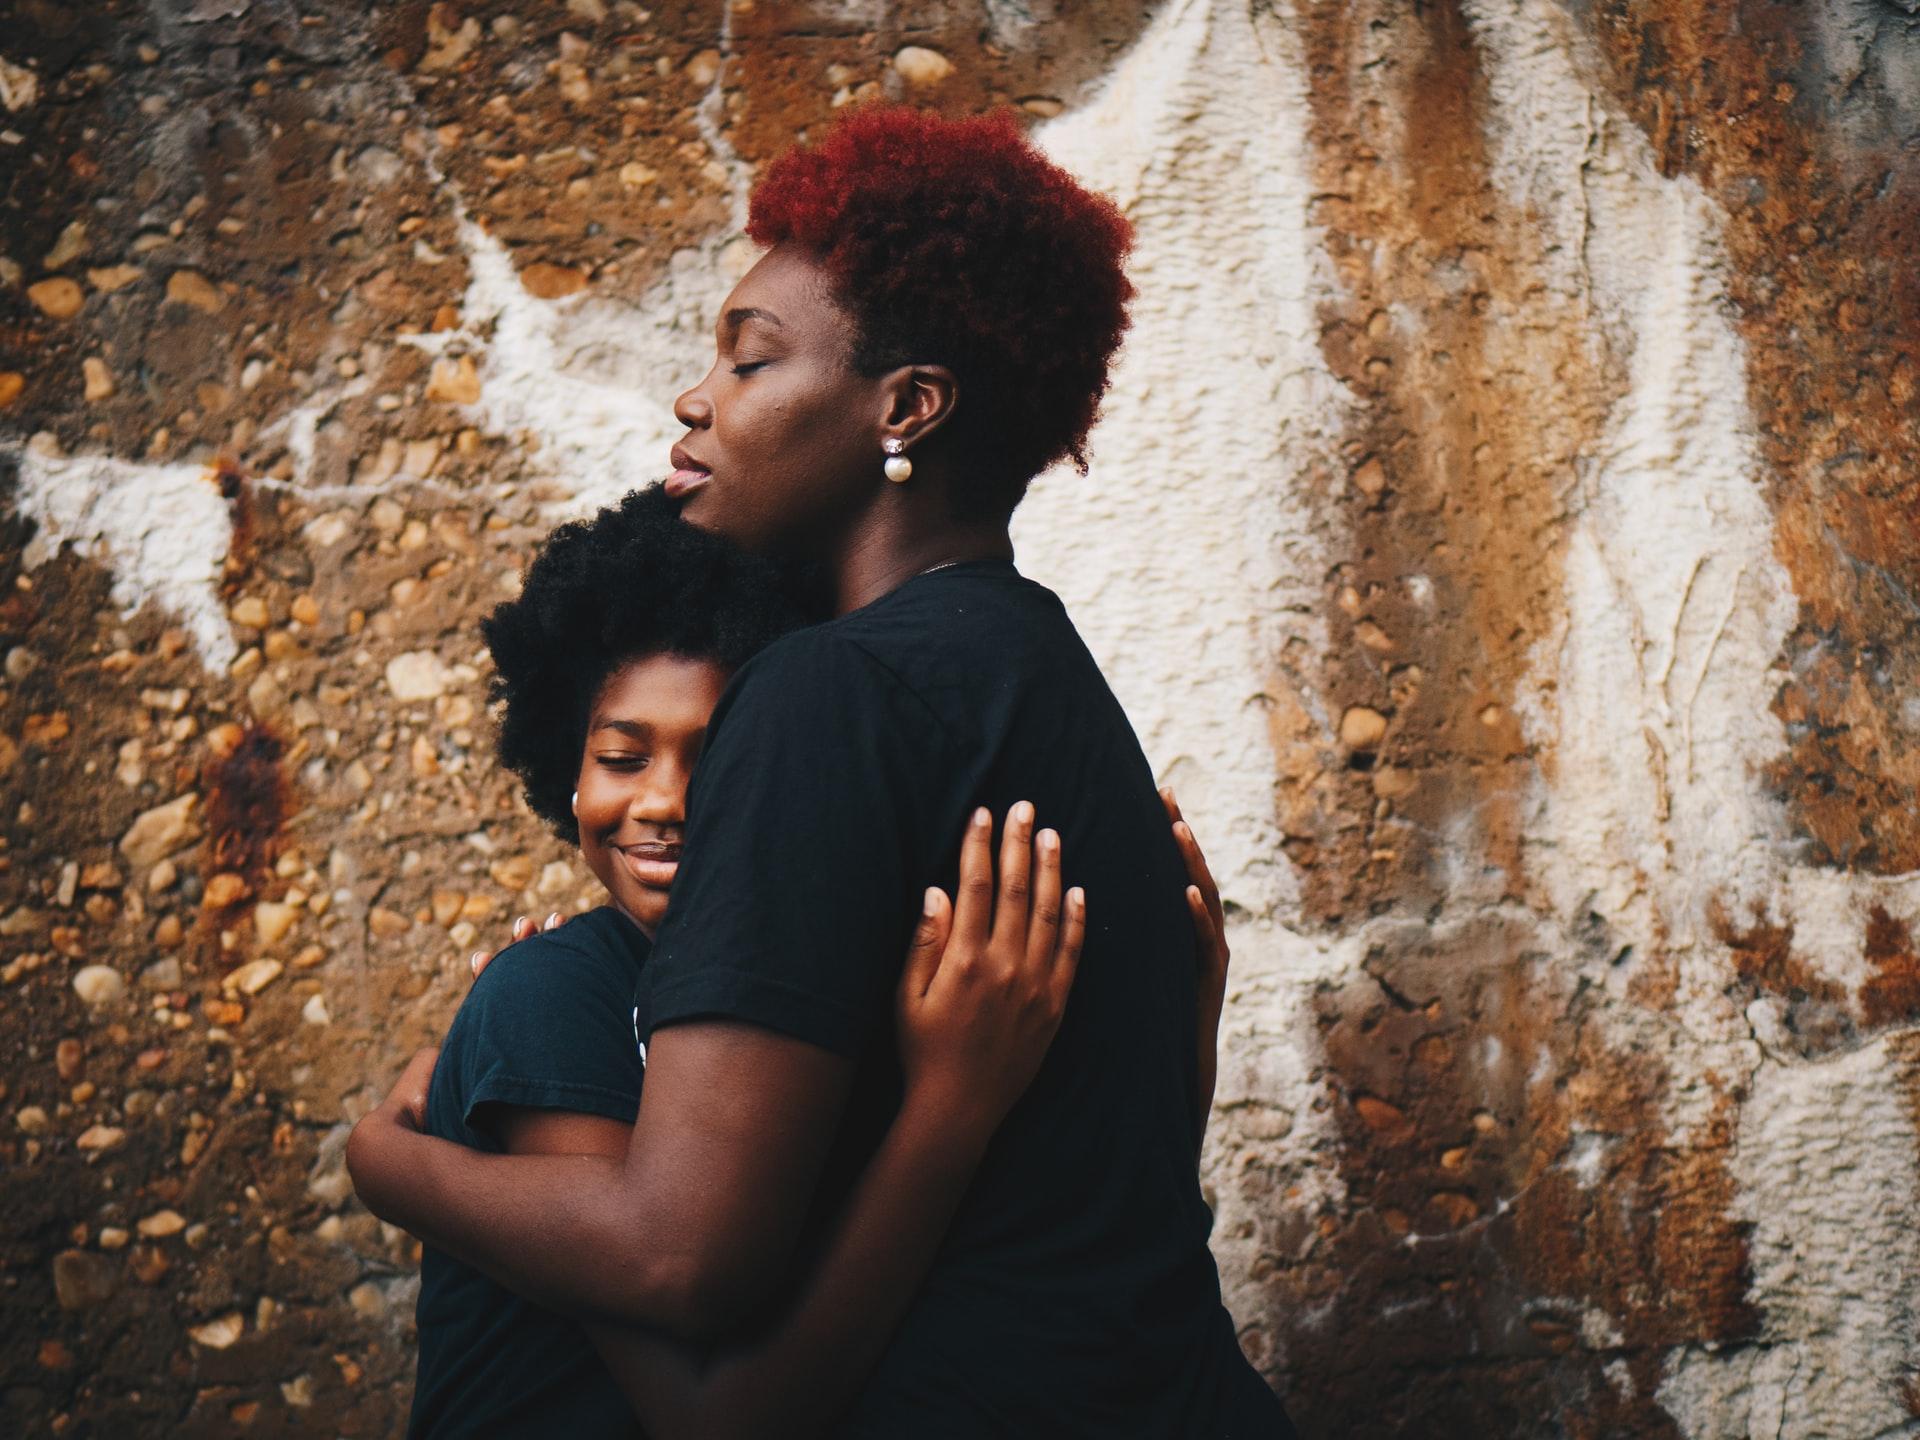 Dicas de presentes para surpreender no Dia das Mães